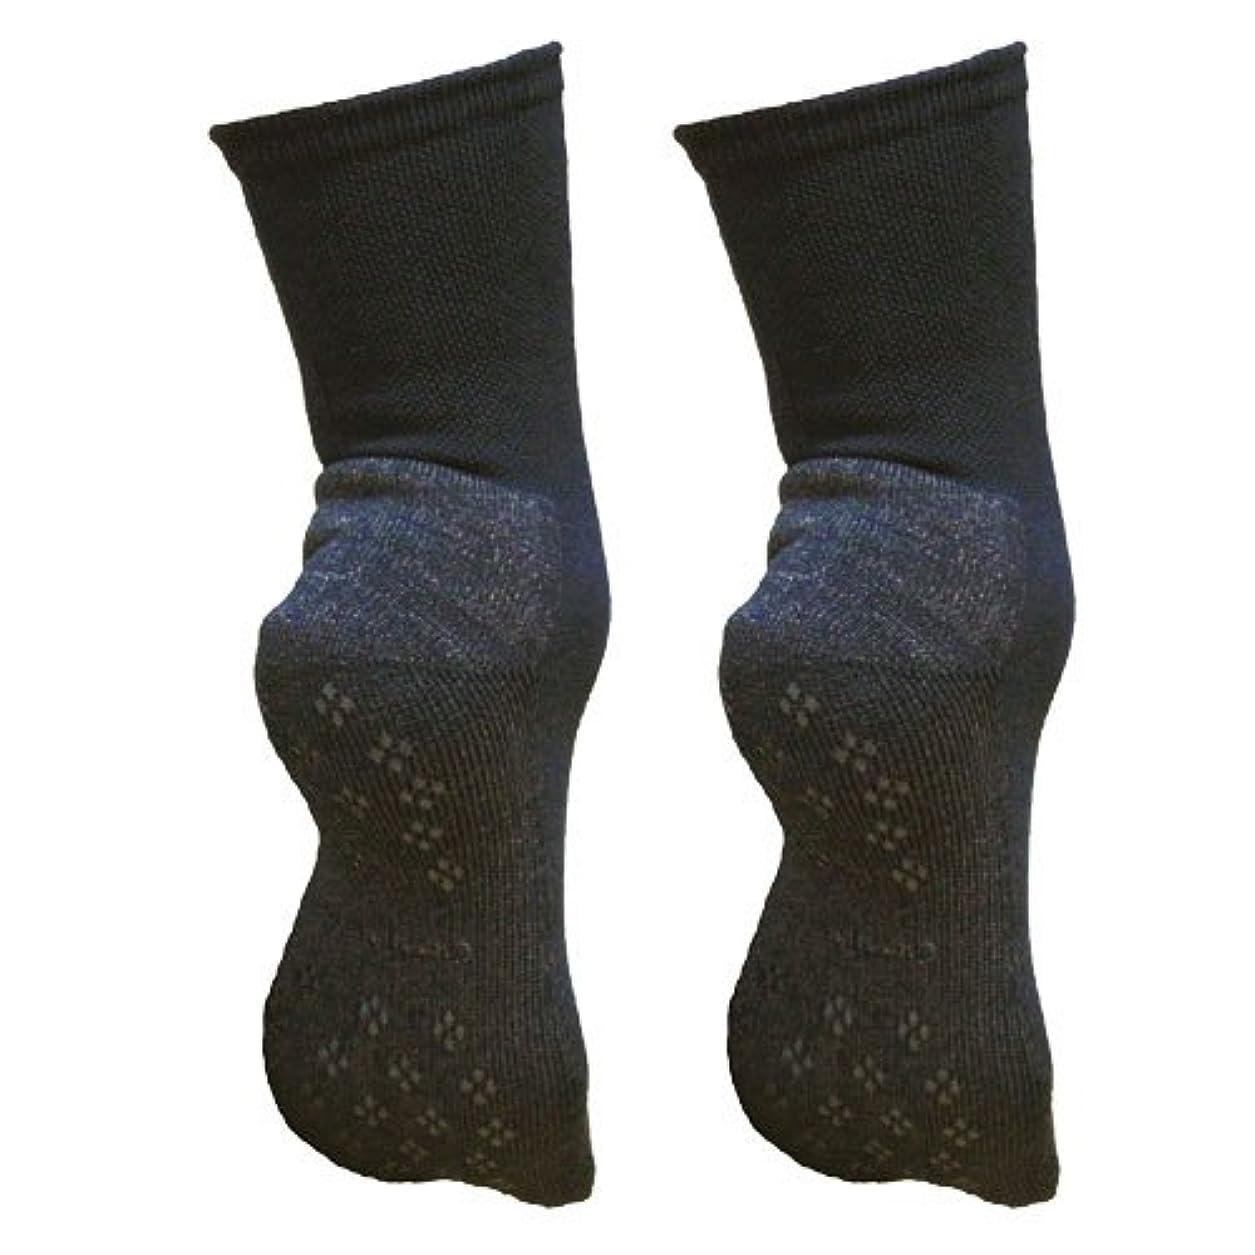 倉庫モットーコンサート銅繊維靴下「足もとはいつも青春」パイルタイプ2足セット 靴底のあたたかさ重視